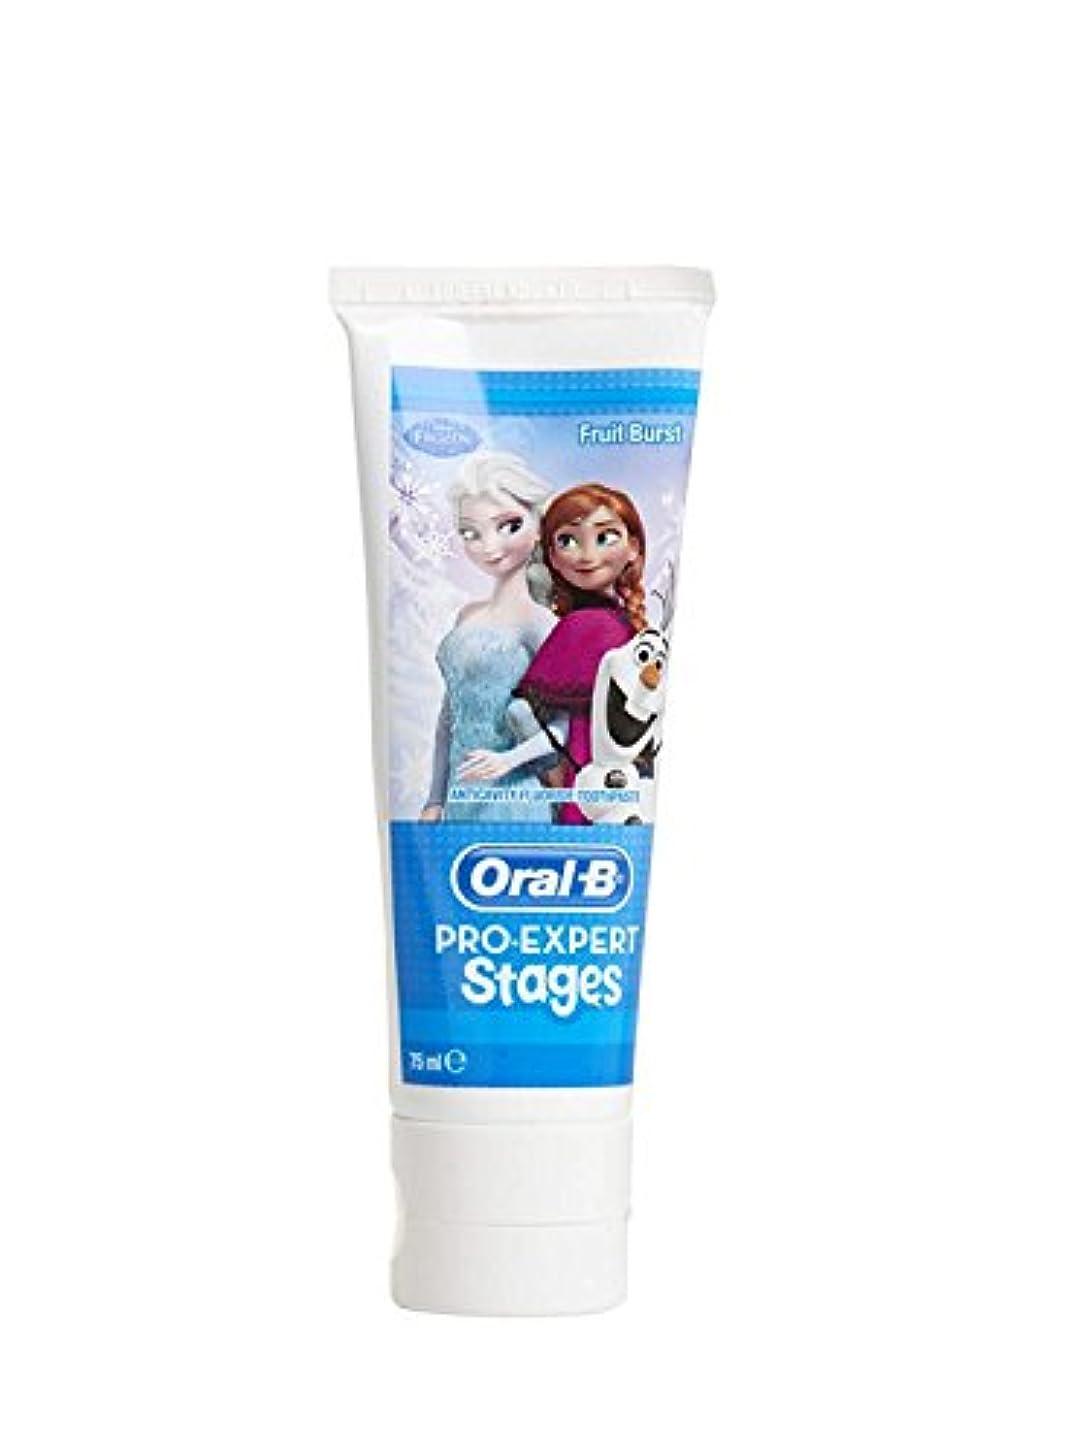 柱作詞家旋律的オーラルB アナ雪キャラクター 子供用 歯磨き粉 5-7歳対象 並行輸入品 海外発送